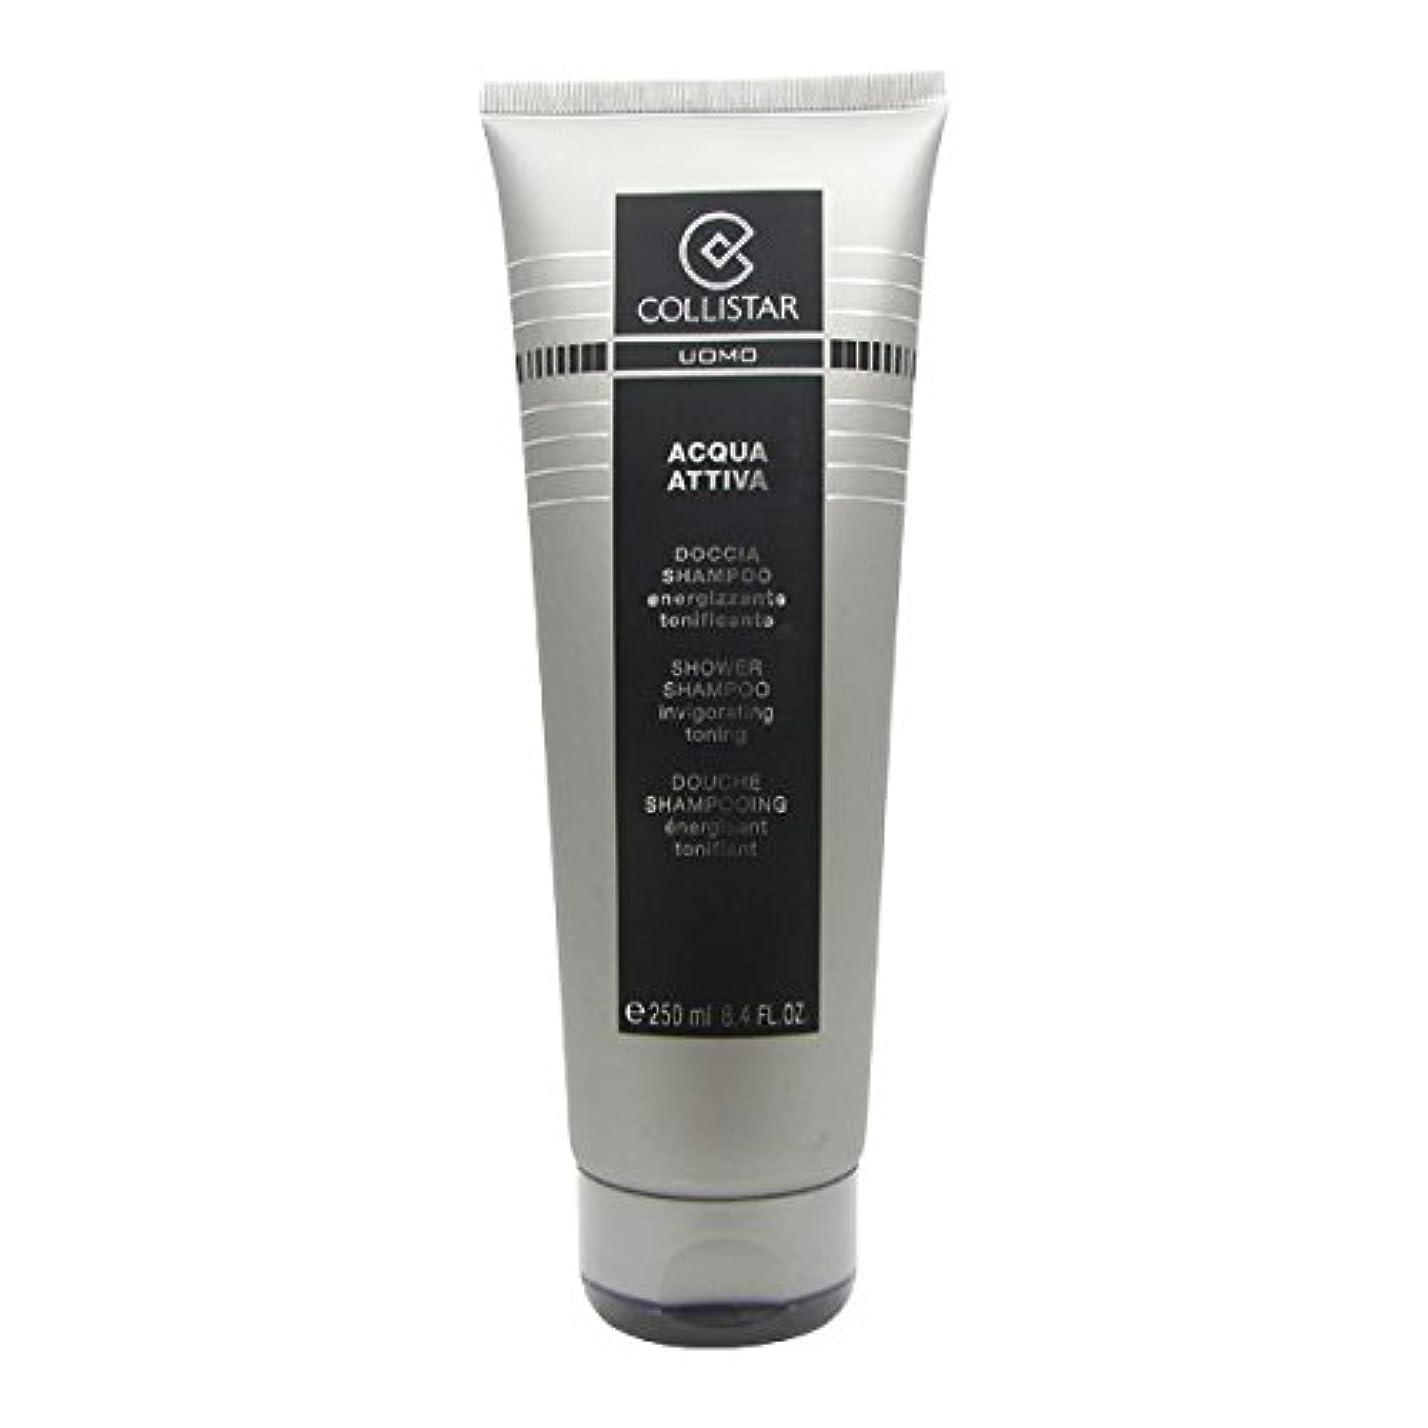 補助光の貸すCollistar Men Acqua Attiva Shower Shampoo 250ml [並行輸入品]